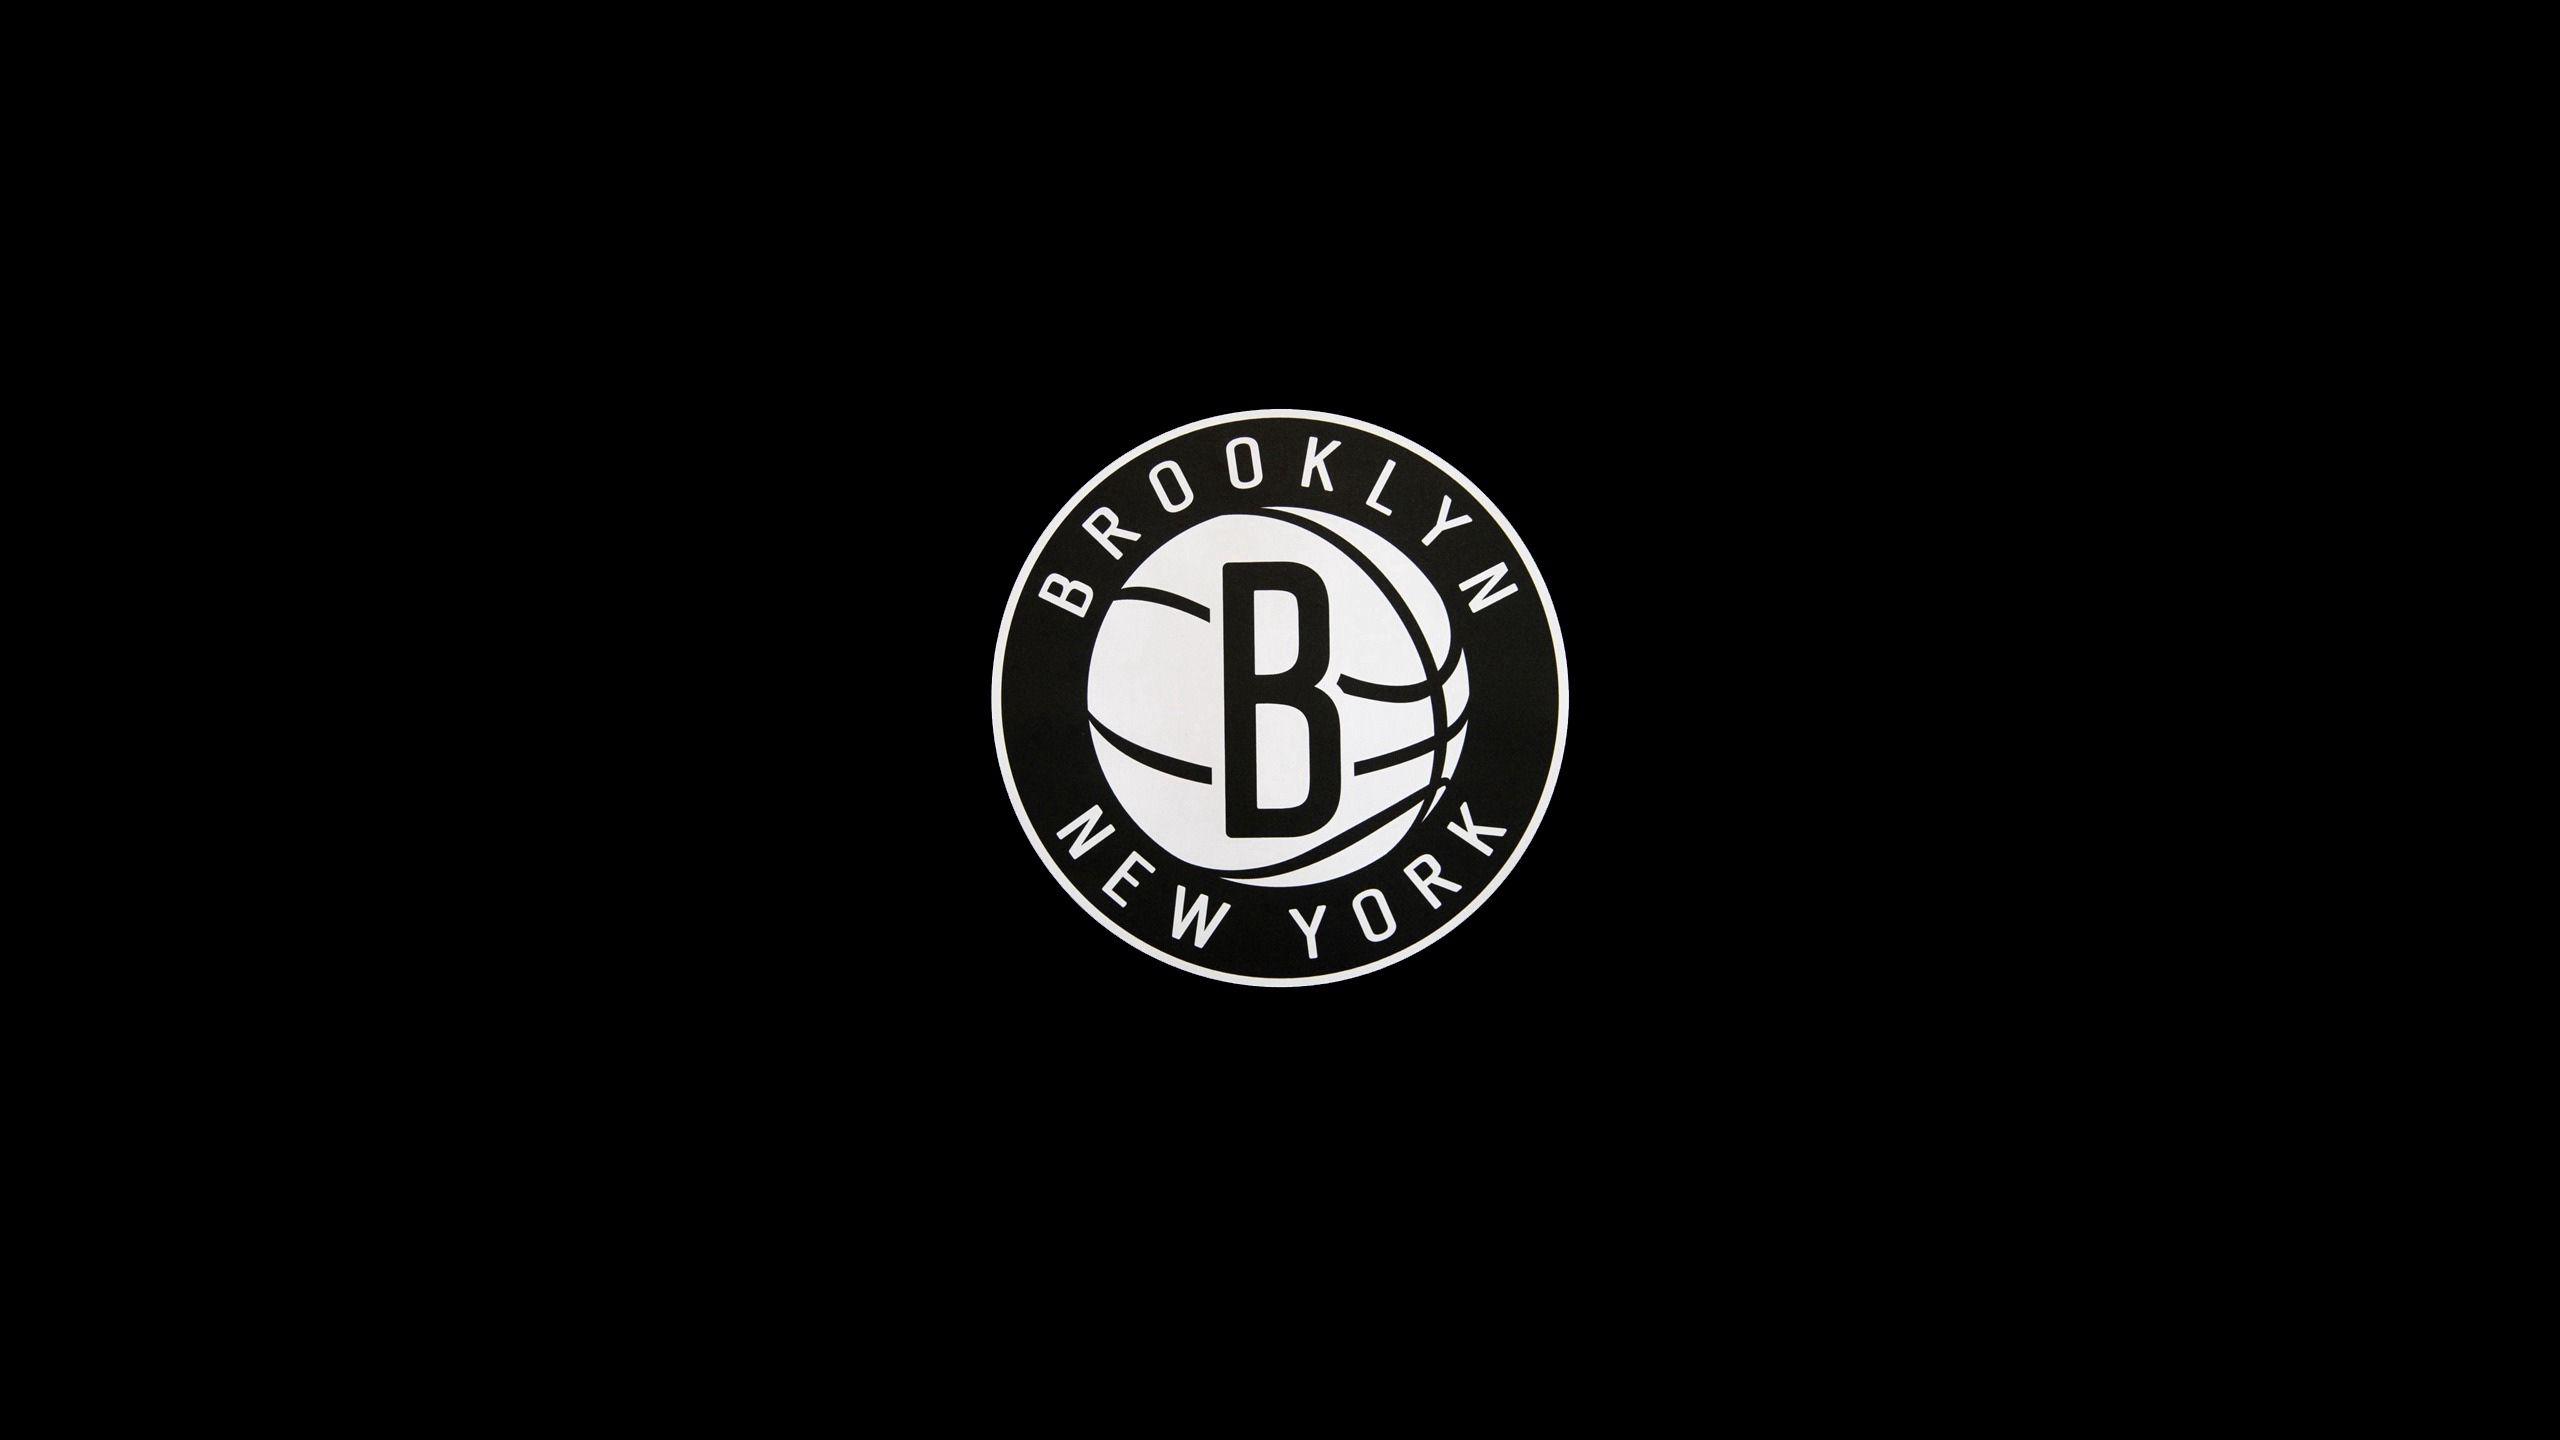 108530 скачать обои Спорт, Nets, Brooklyn Nets, Brooklyn, New York, Сша (Usa), Нба - заставки и картинки бесплатно